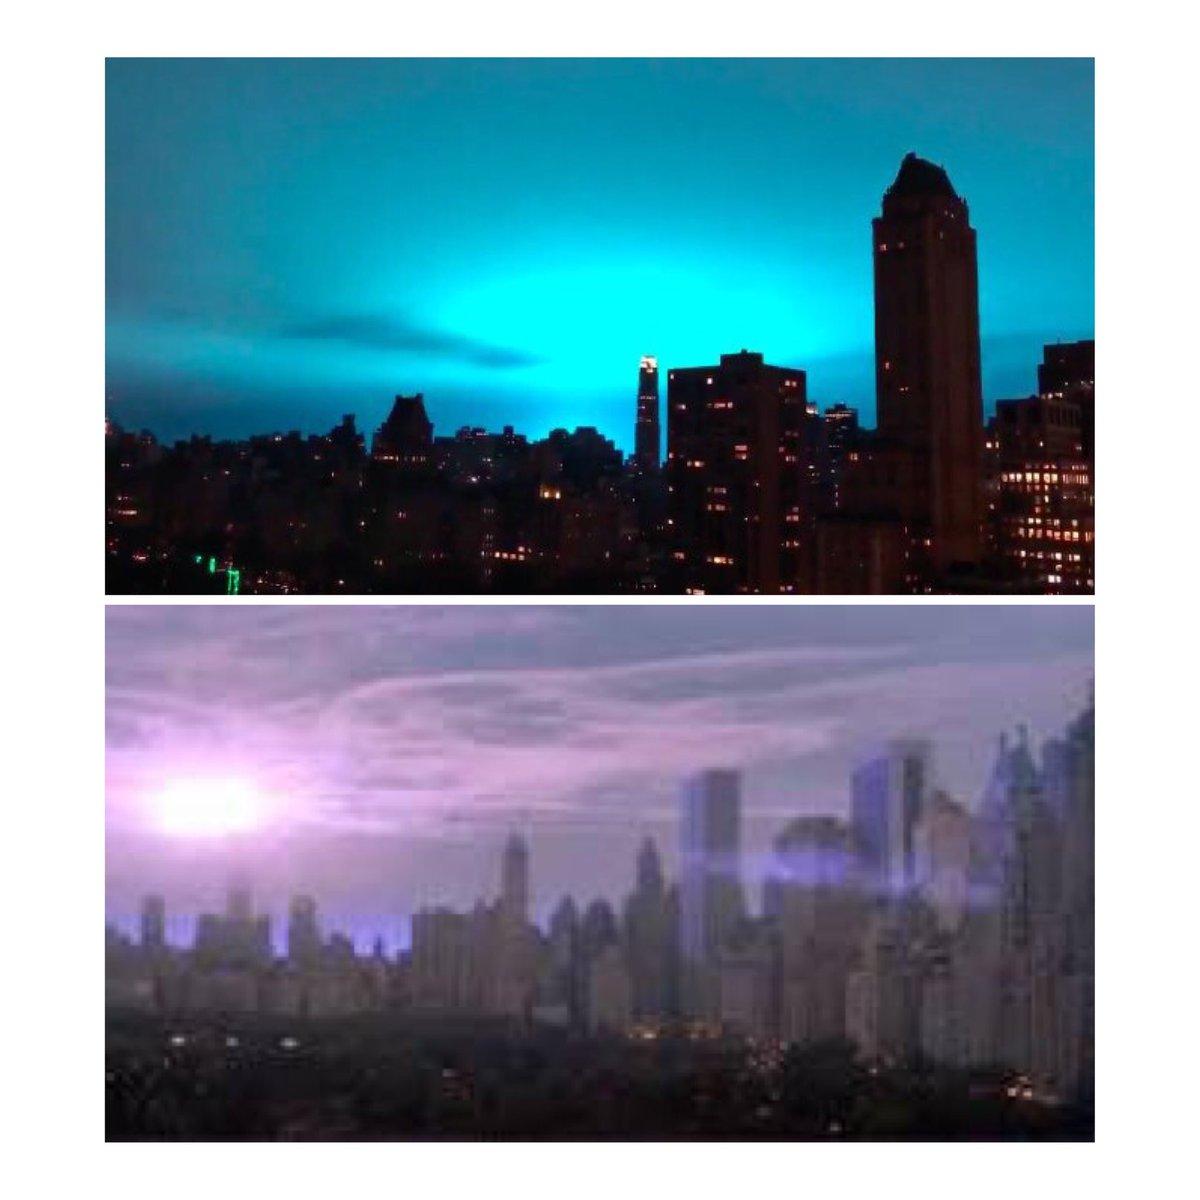 Pulsing blue light freaks Twitter out, but it's definitely not aliens